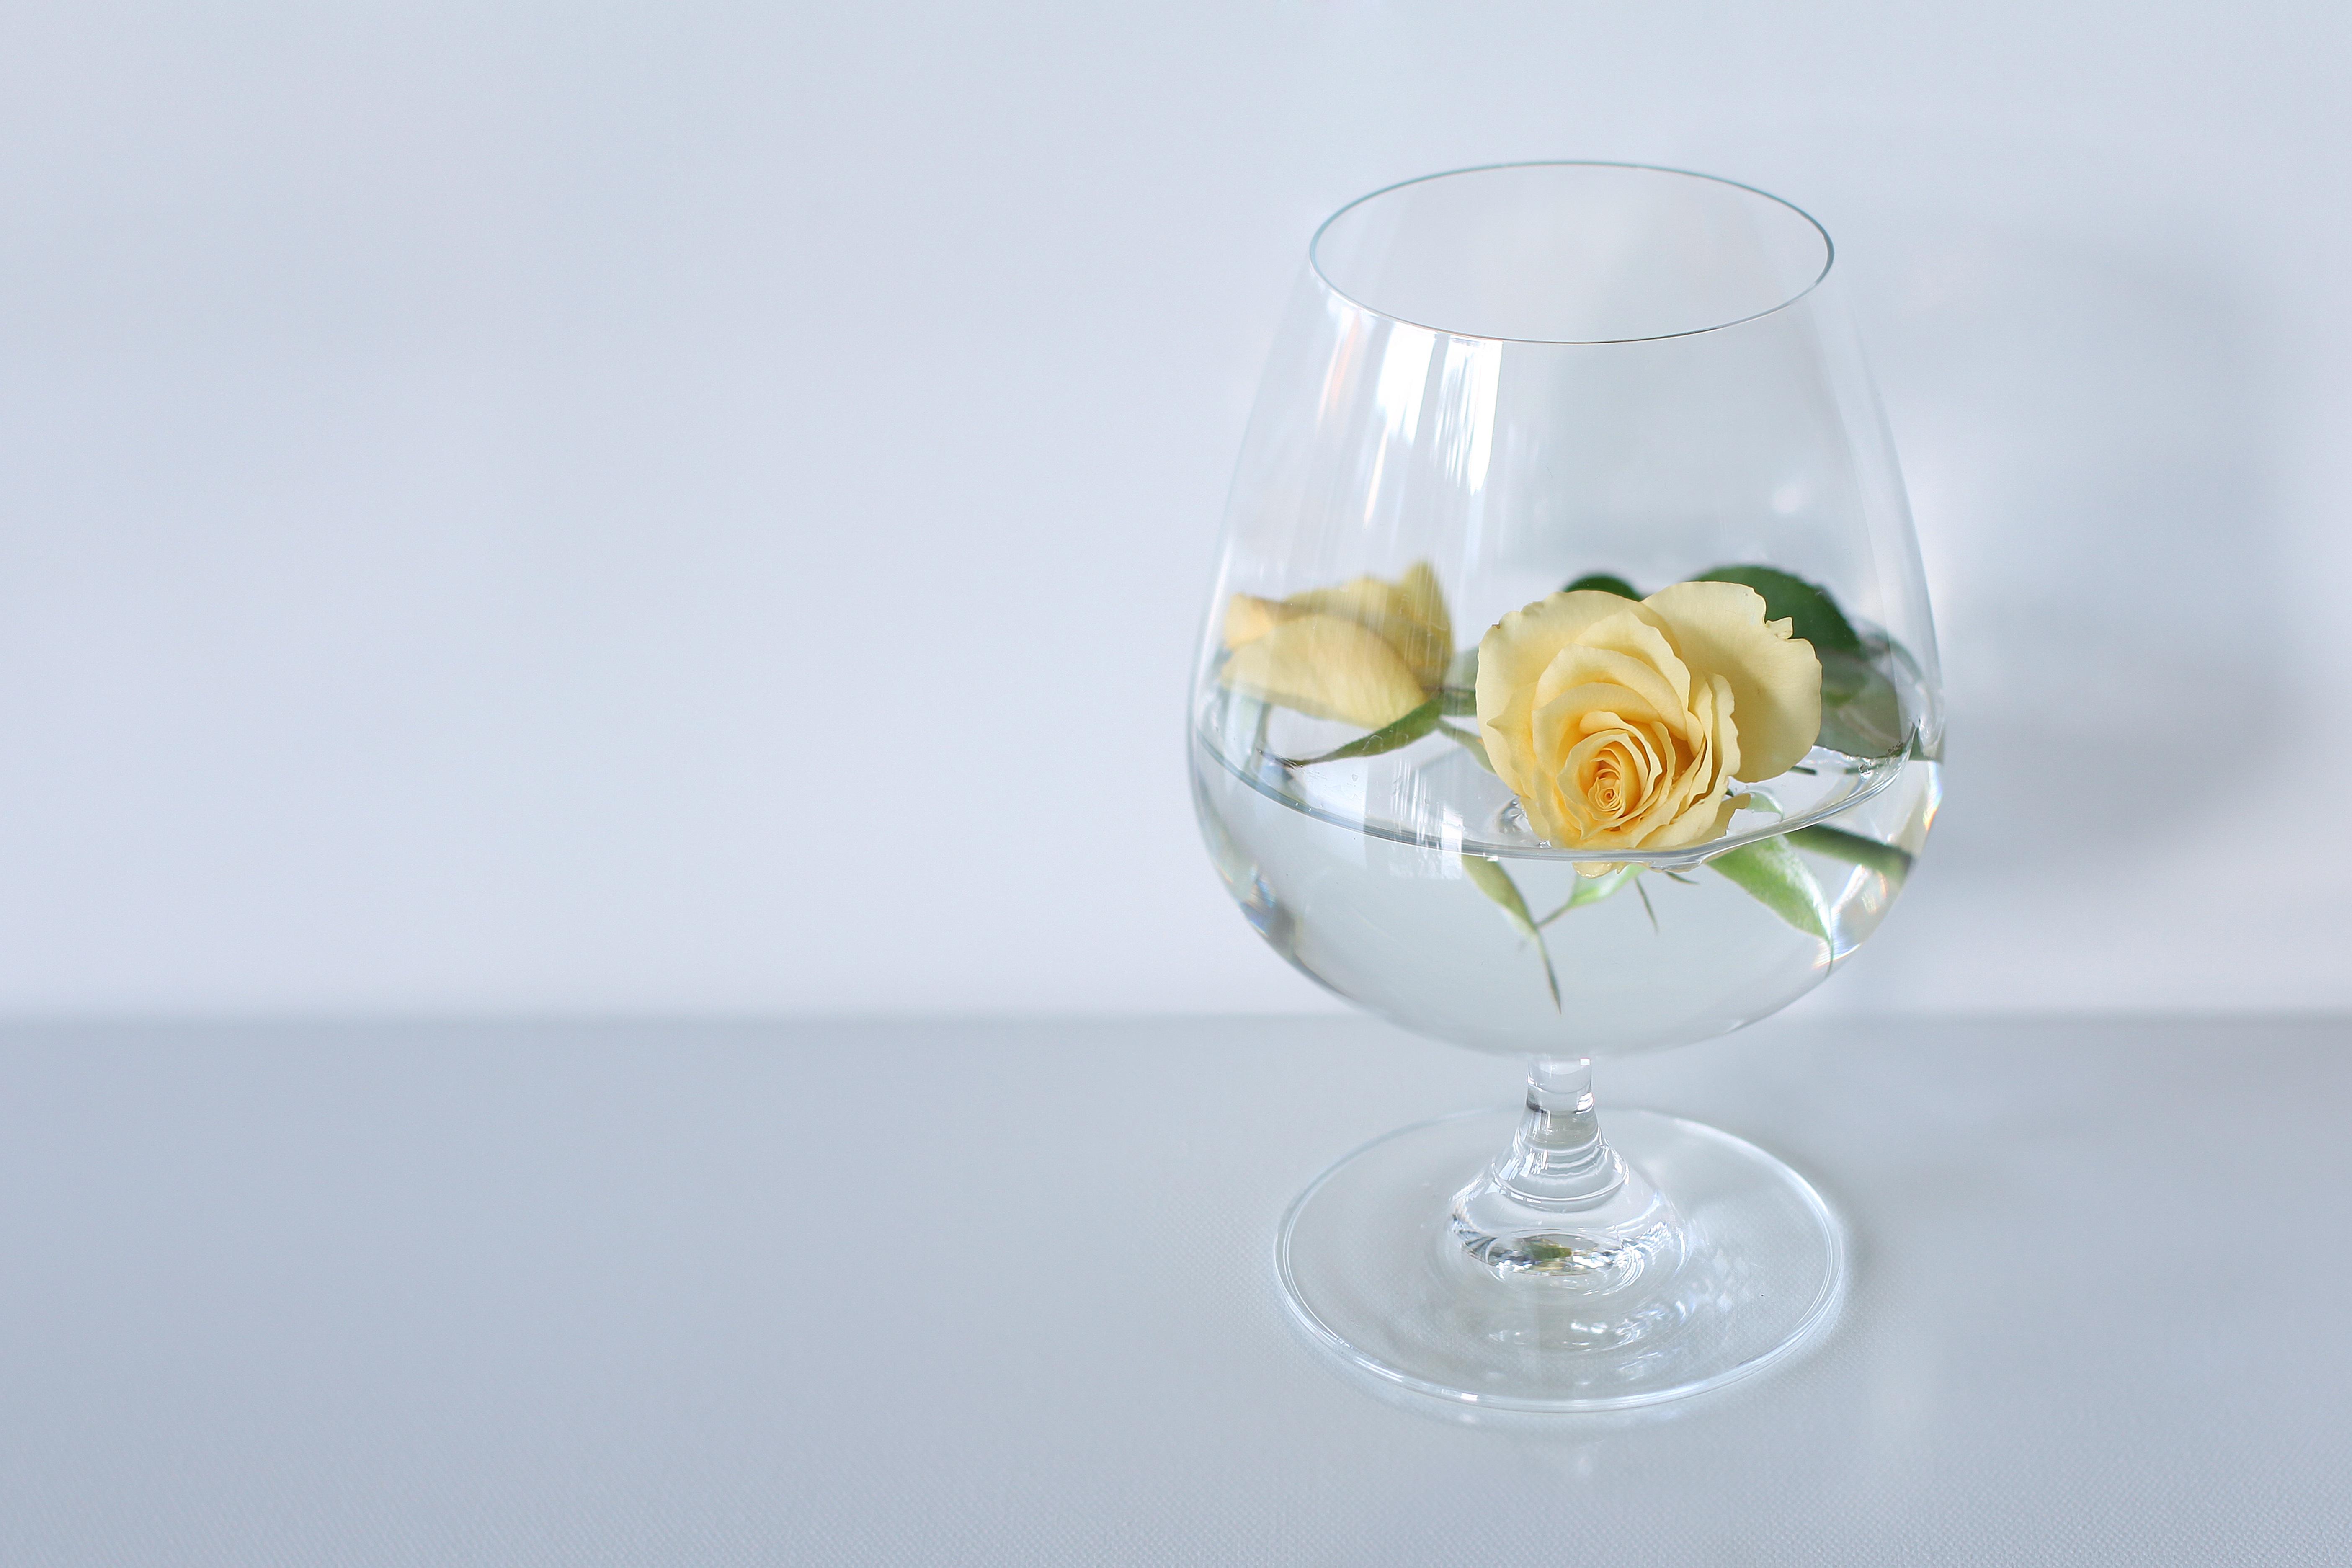 Картинки цветов в бокале